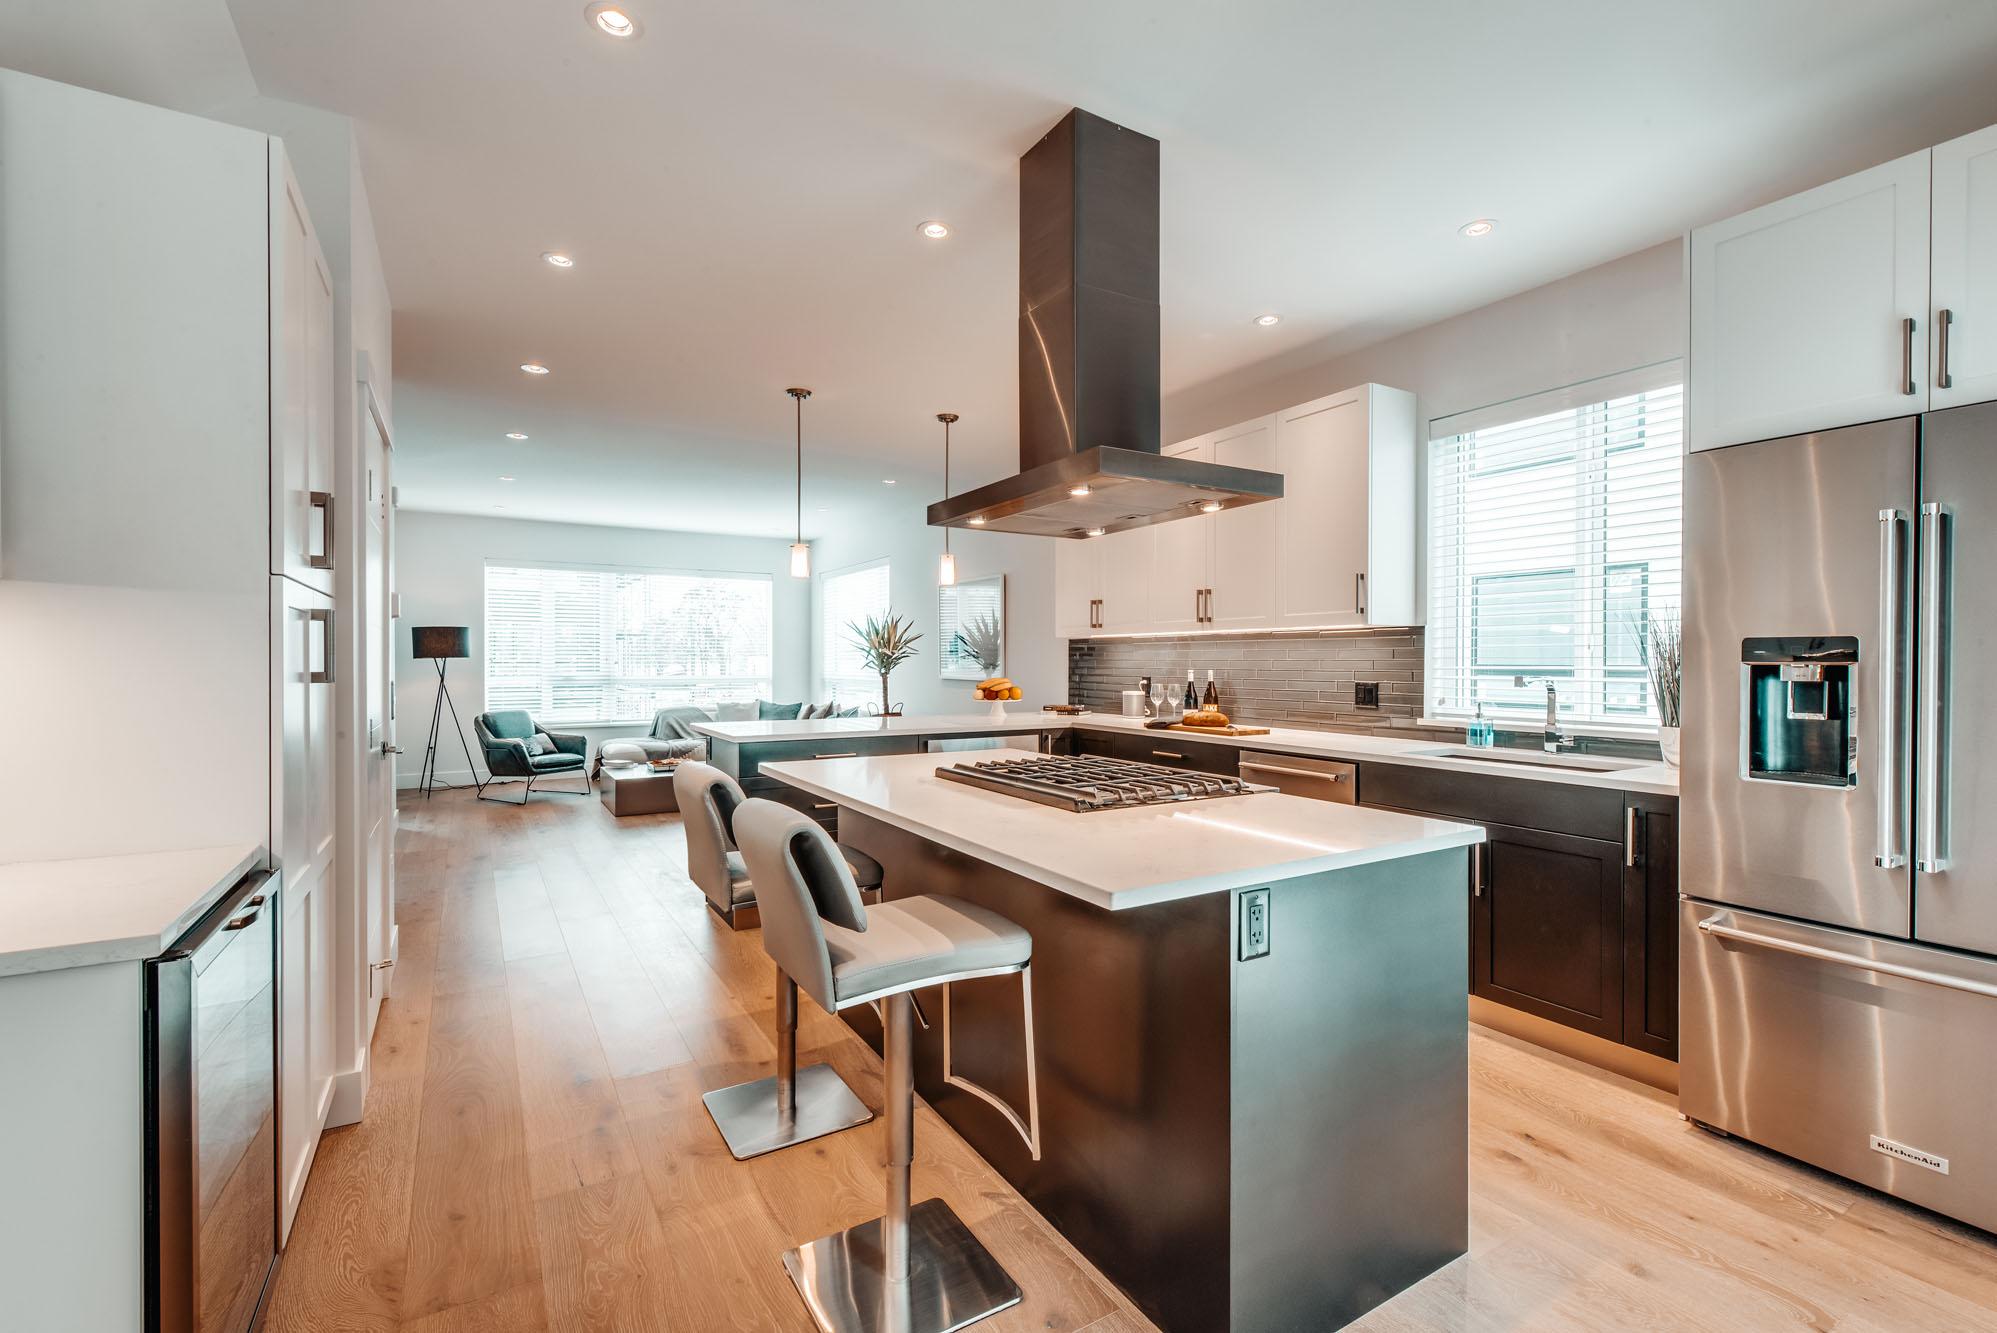 Gyro Beach Townhomes Kitchen Interior